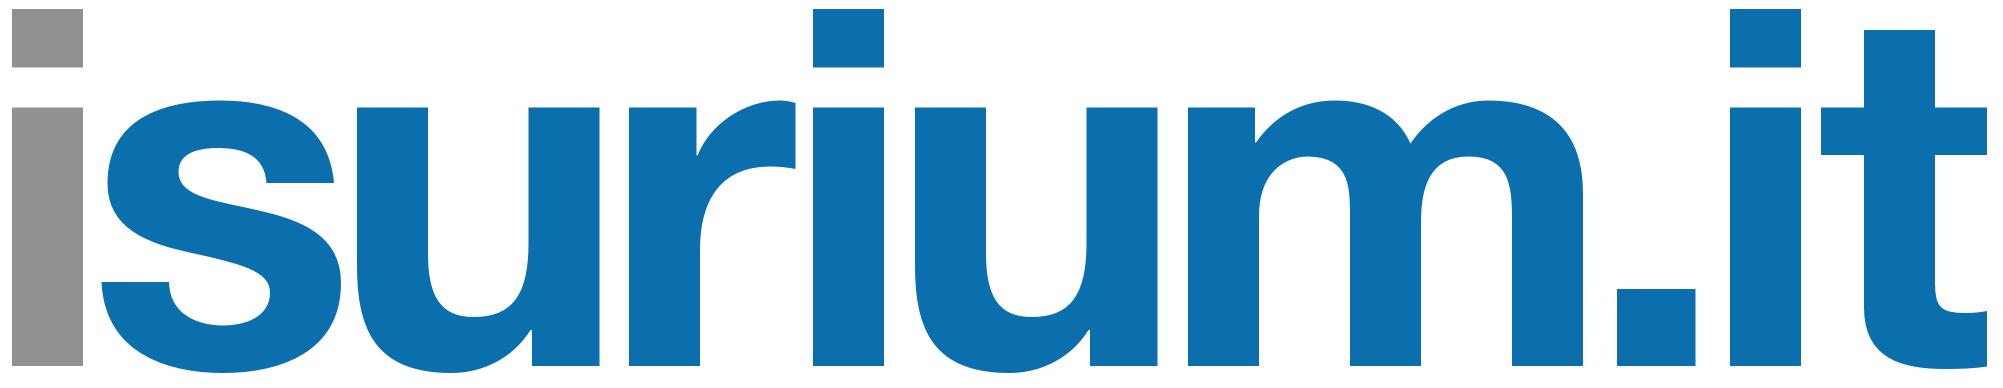 Isurium